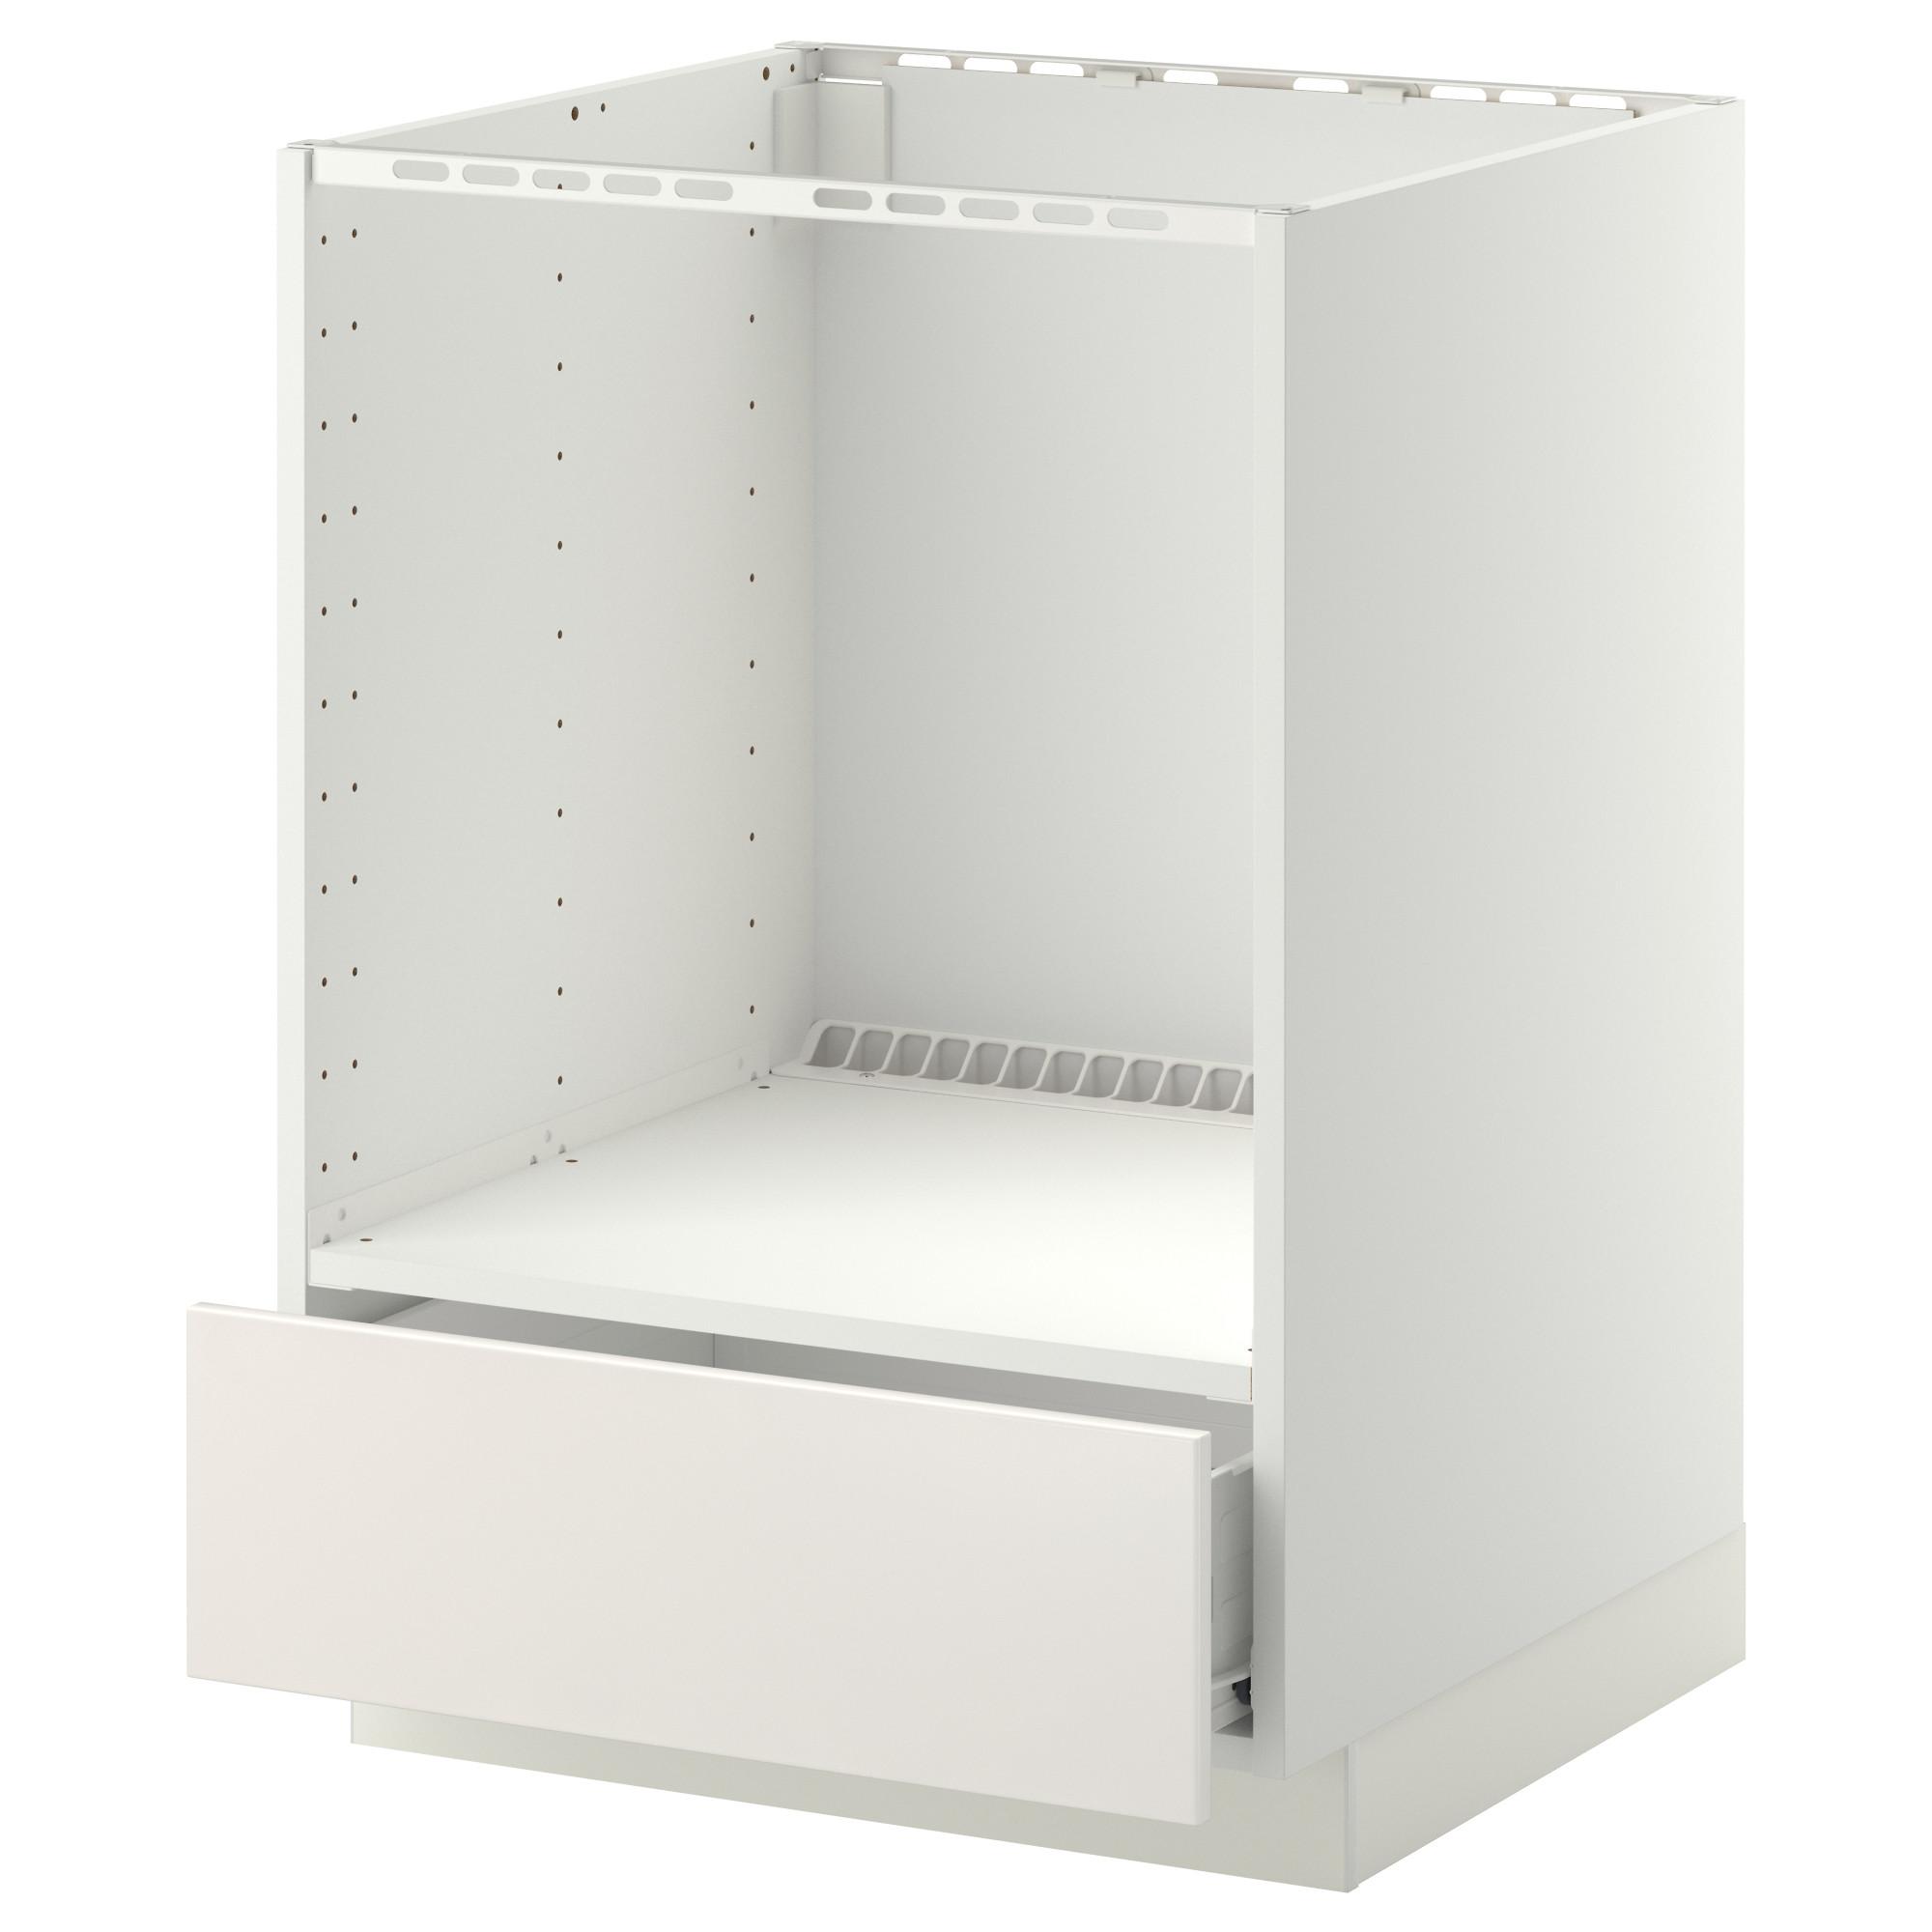 Напольный шкаф для духовки, с ящиком МЕТОД / ФОРВАРА, белый, Веддинге белый (60×60 см)